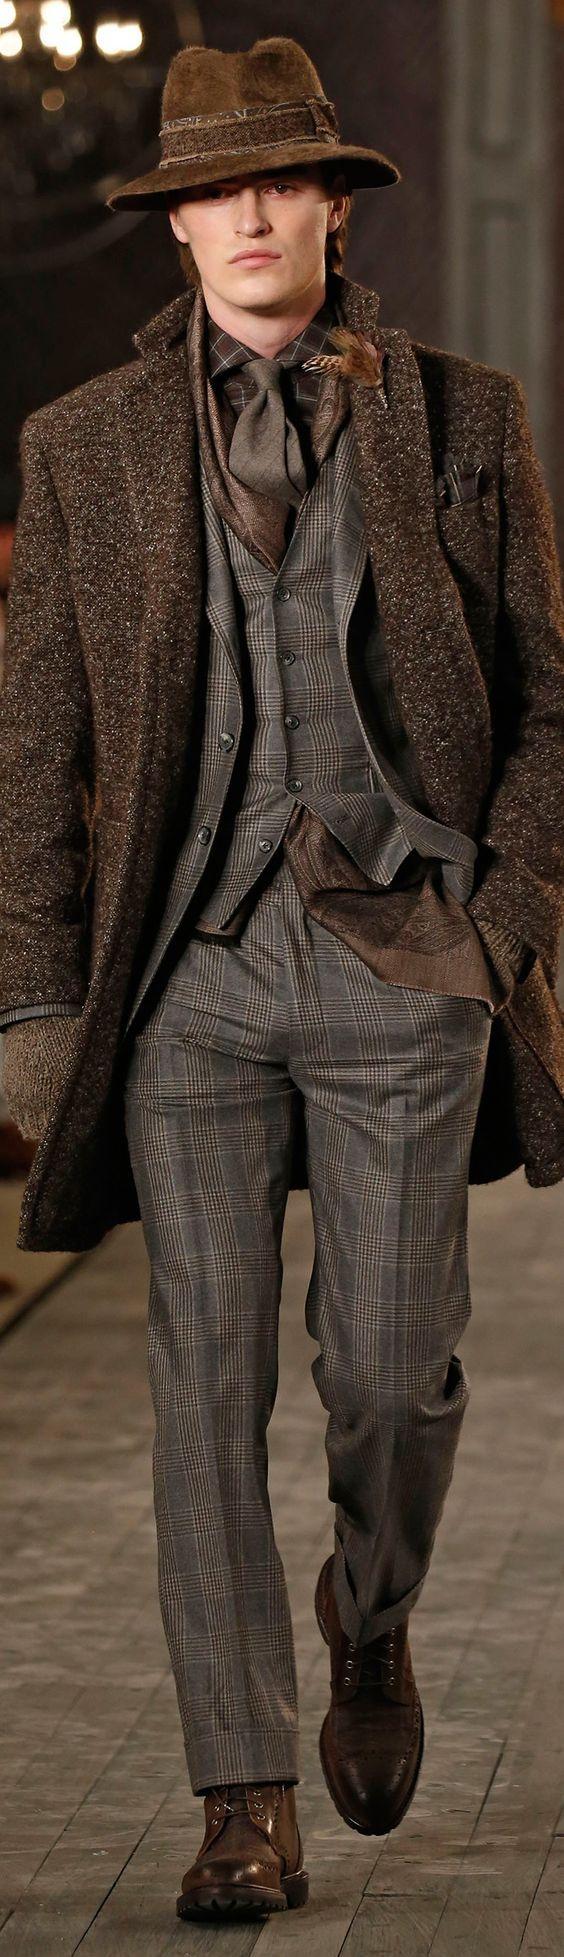 Joseph Abboud Fashion Show & More details